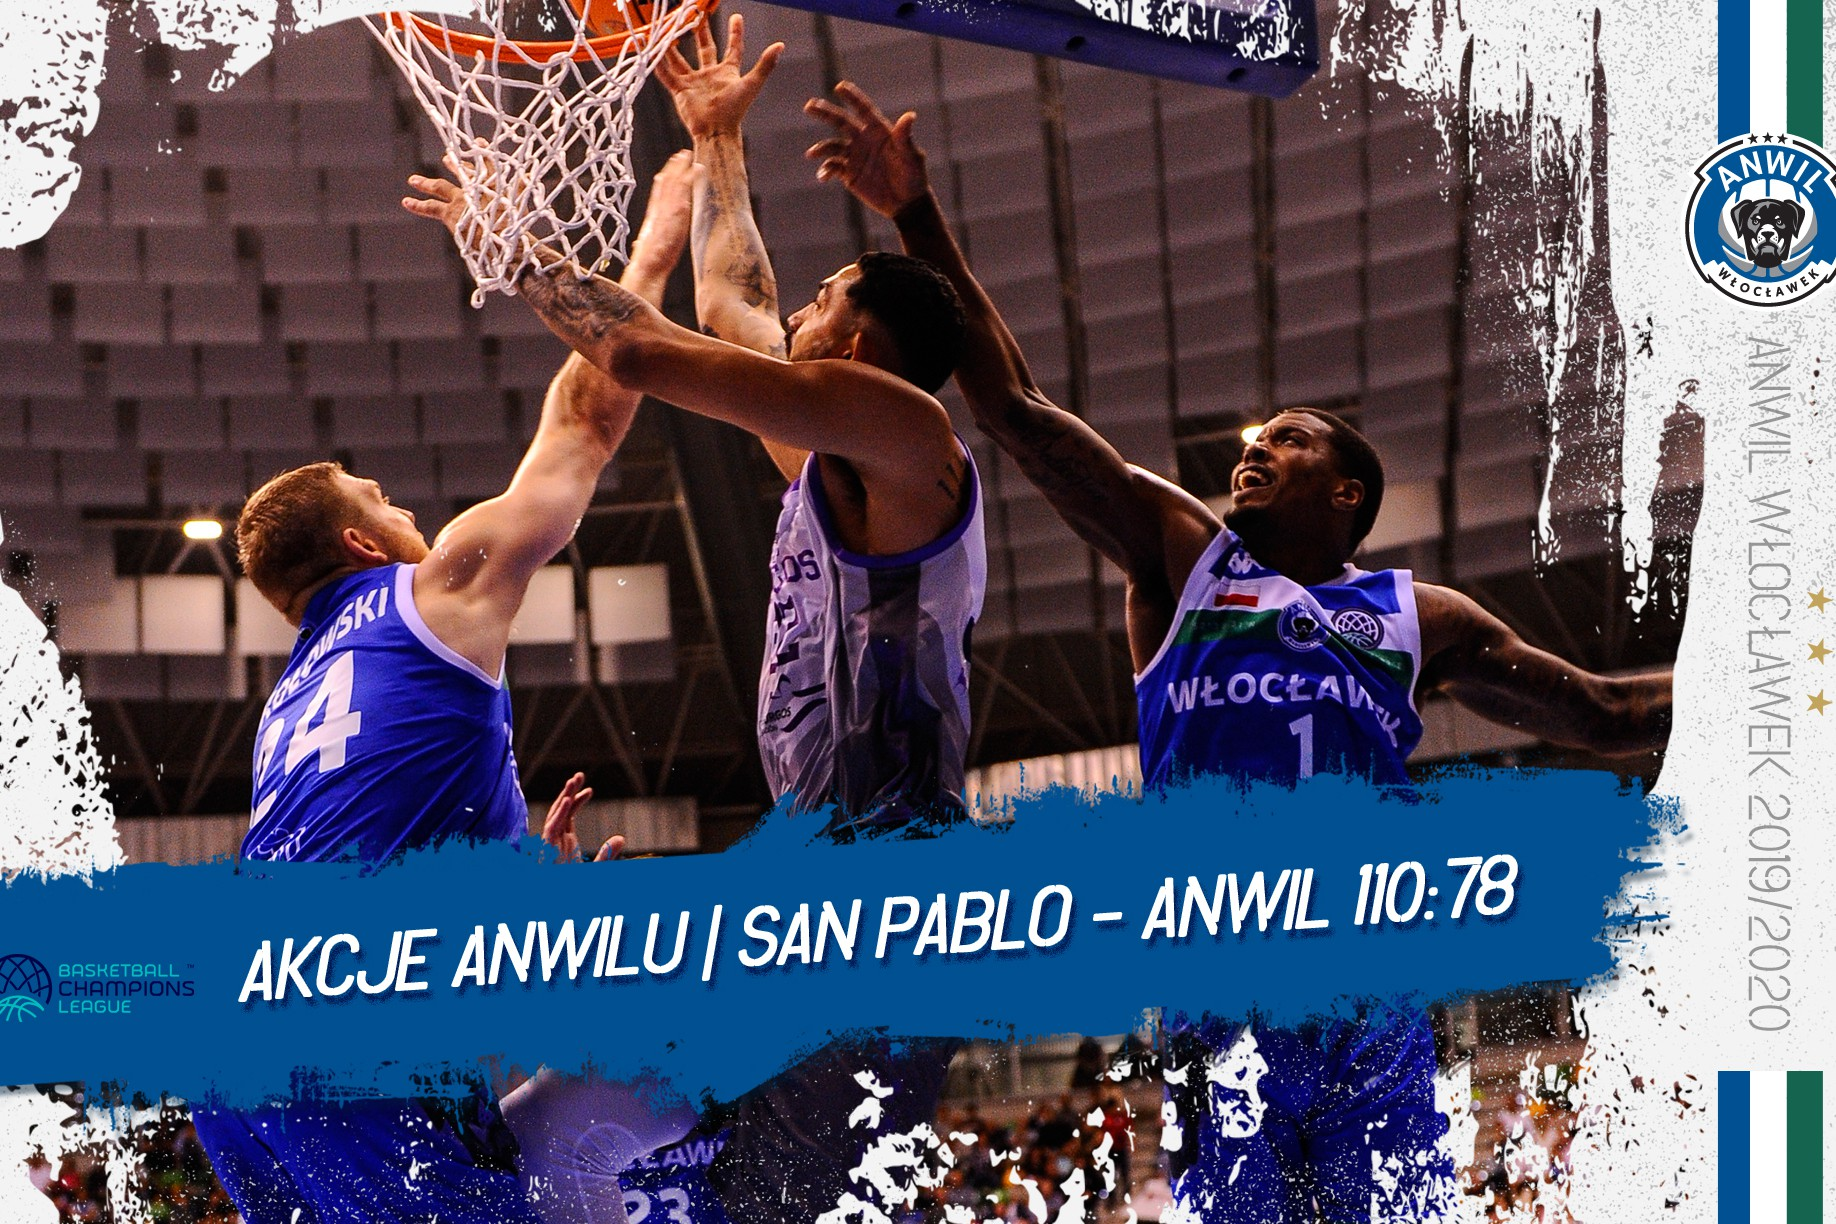 Akcje Anwilu | San Pablo Burgos - Anwil Włocławek 110:78